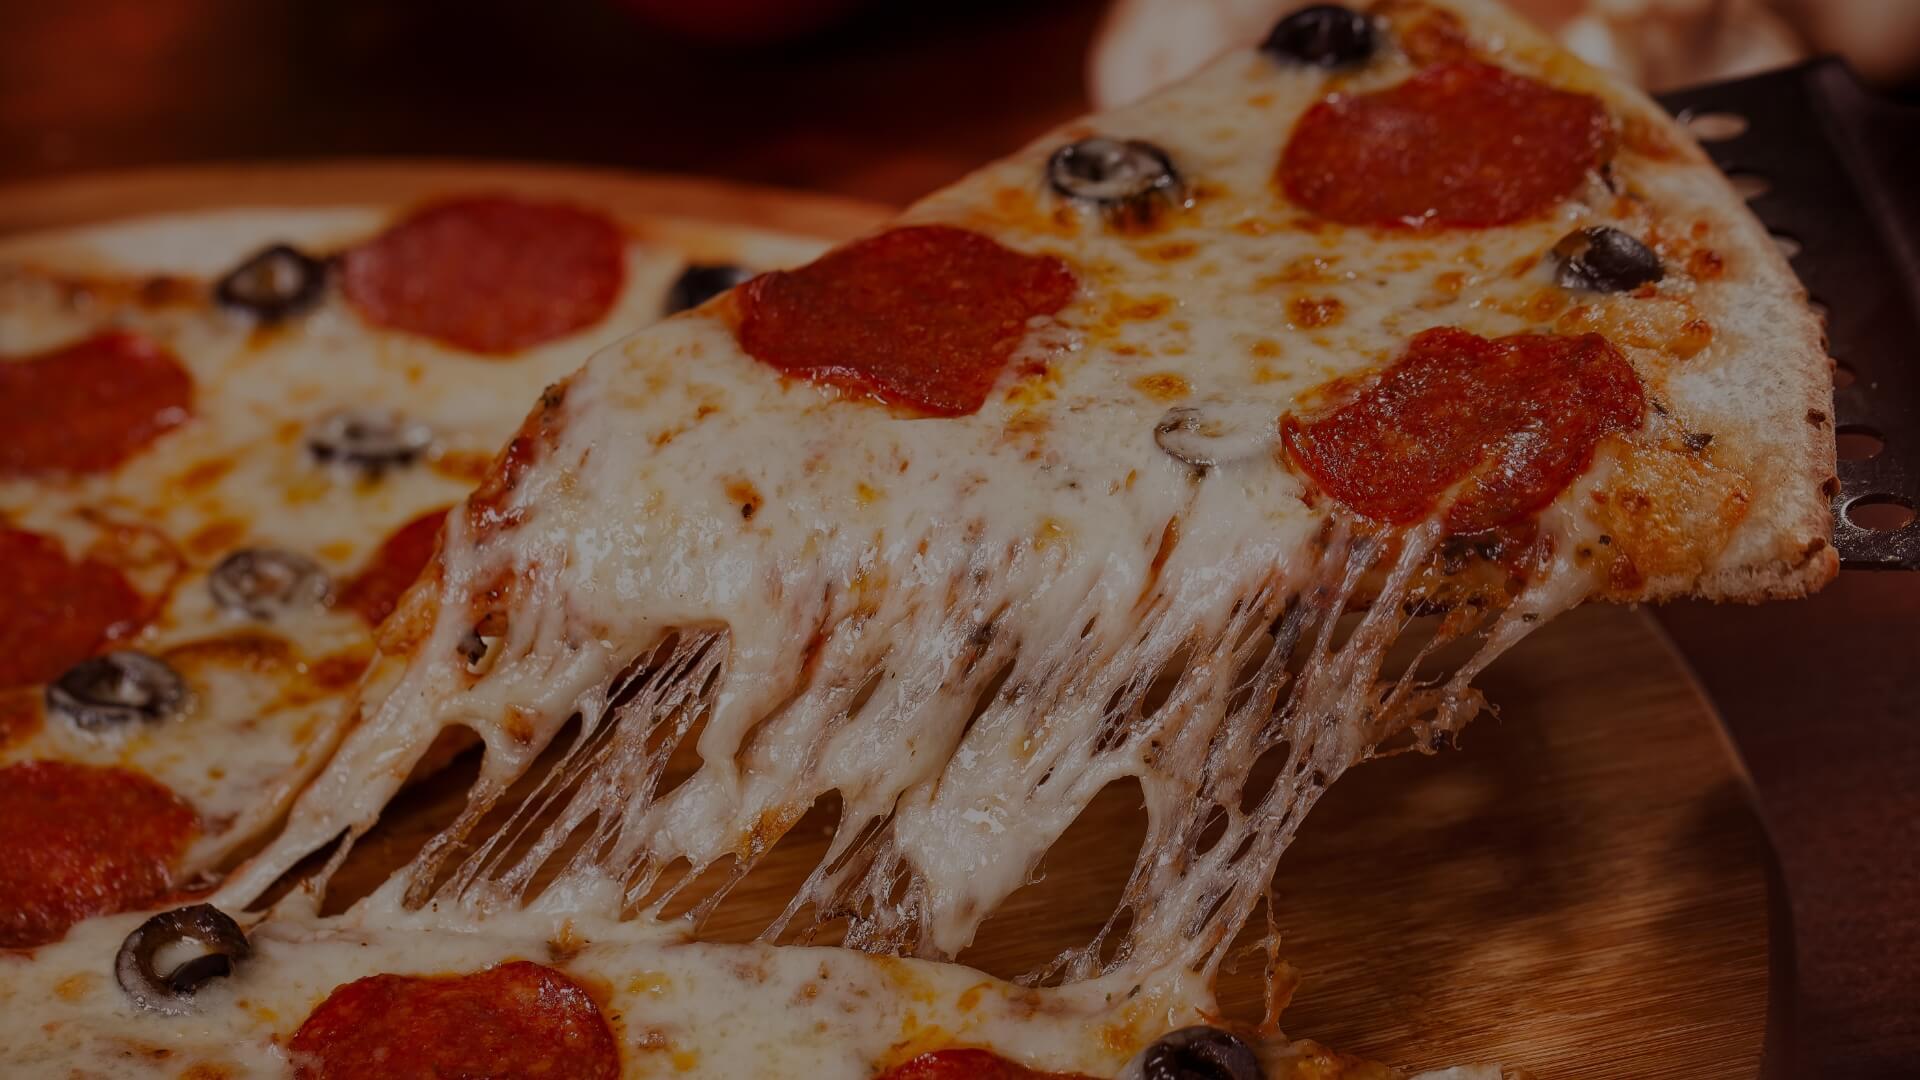 Cheesy slice of pizza